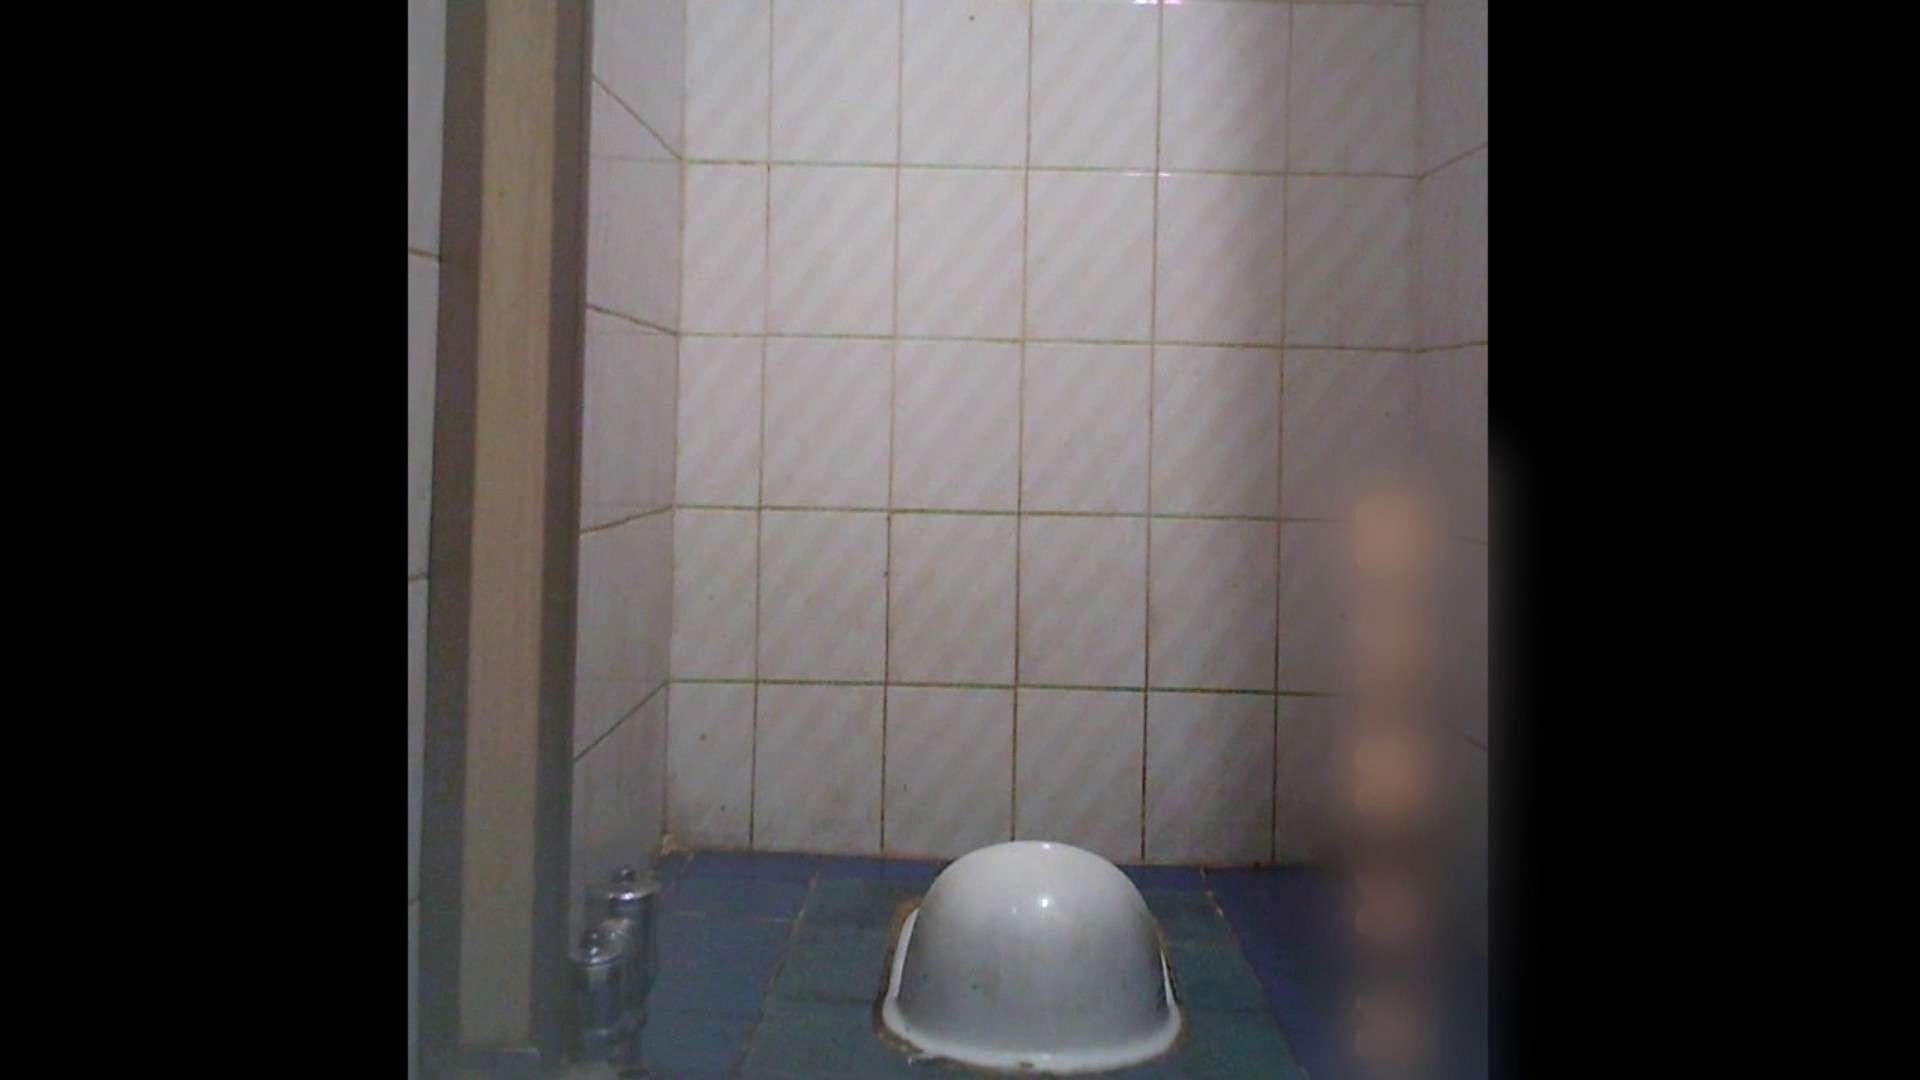 潜入!!韓国秘密のトイレ!Vol.12 女子トイレのギャル | 盗撮  100pic 76